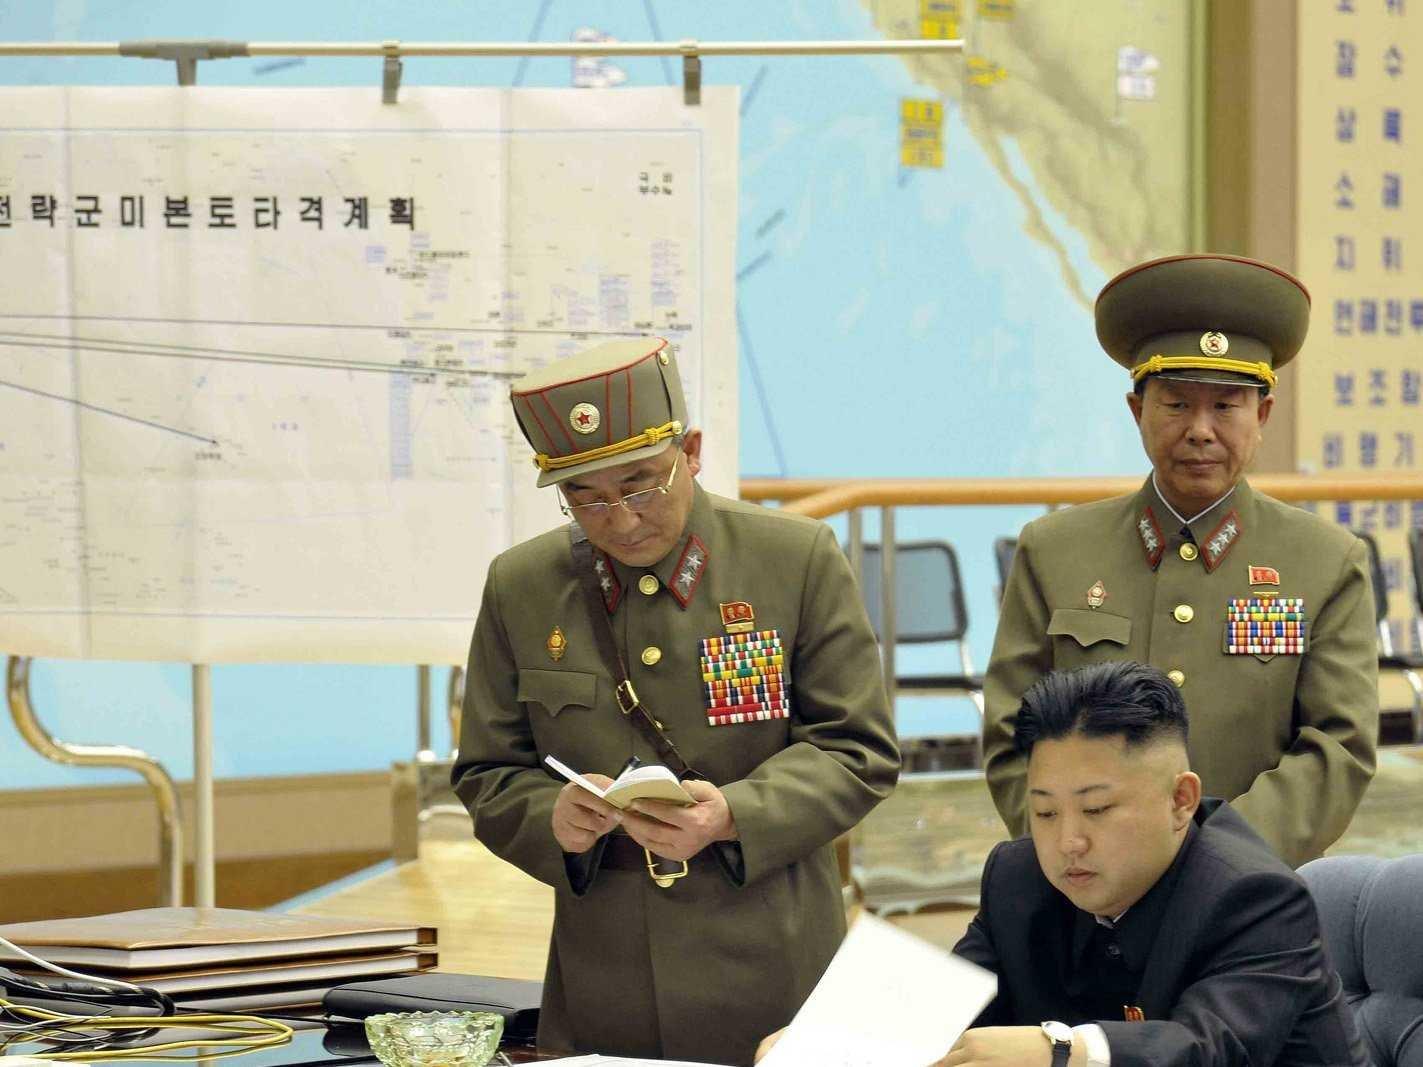 La Corea del nord minaccia gli Usa di attacco nucleare